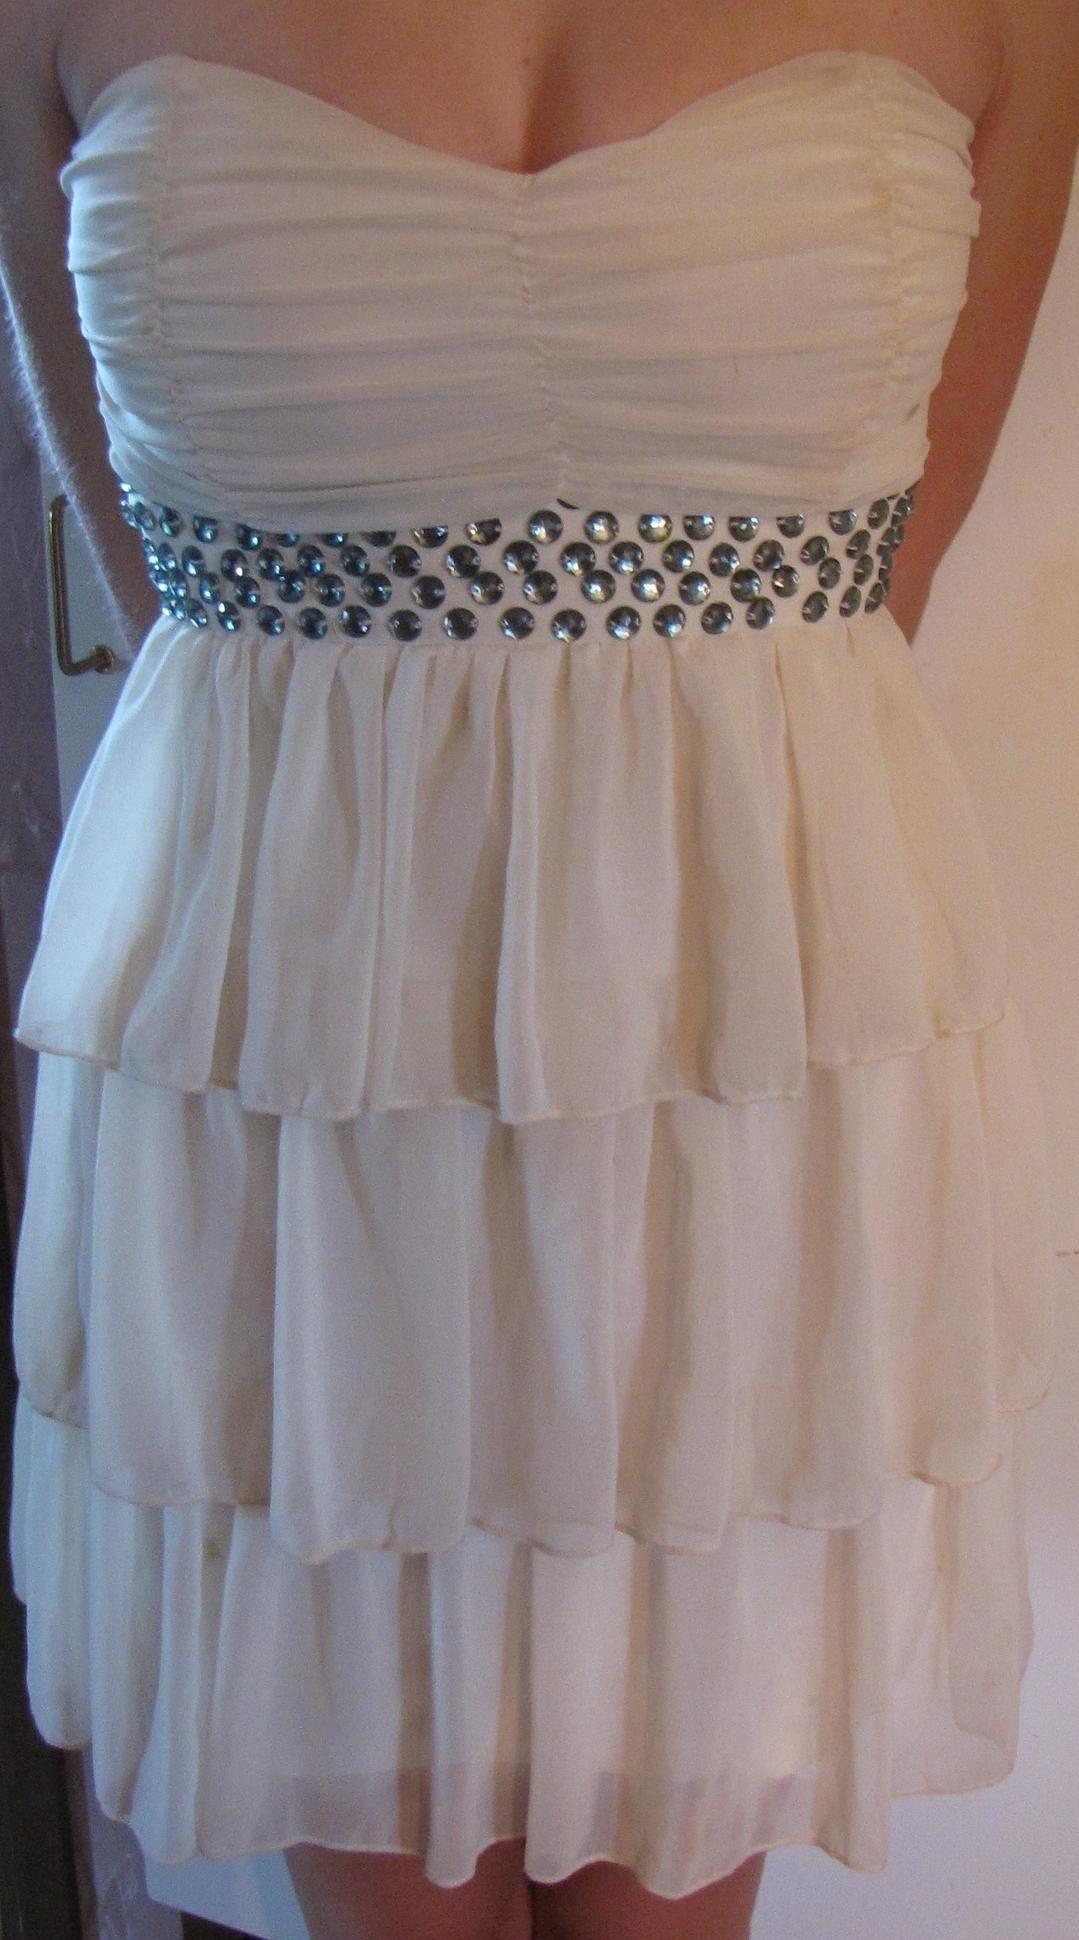 7d59e51effd3 Vit vippig tubklänning studentklänning STUDENT klänning strasstenar söt XS  S 34 ...